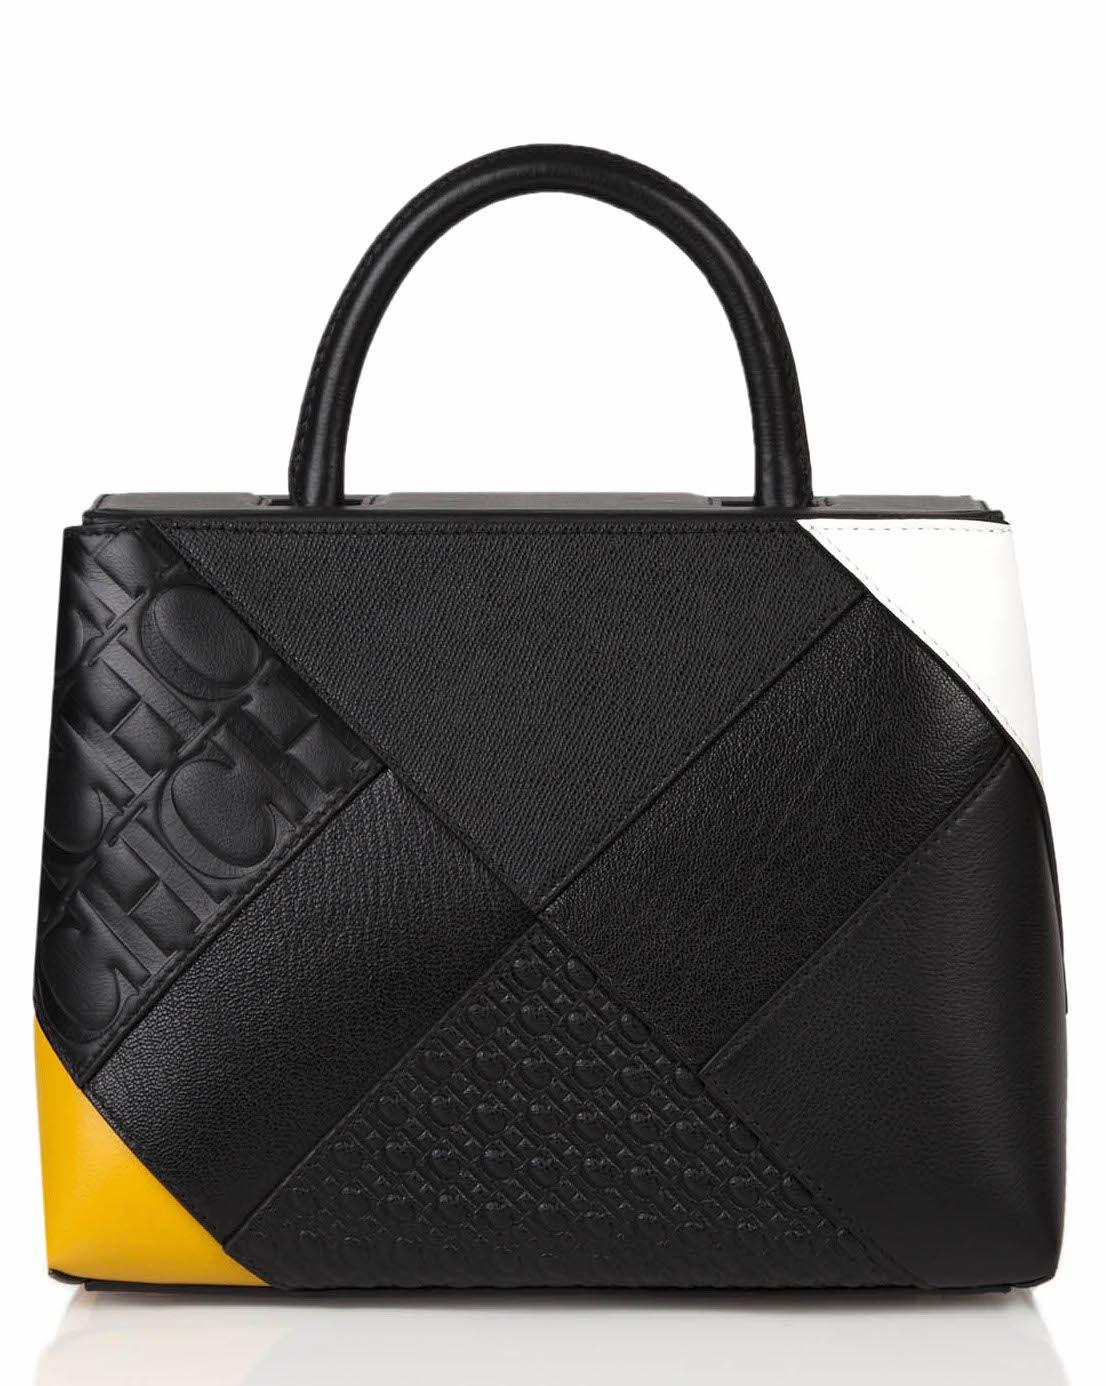 carolina herrera spring 2016 bags baskets pinterest leder. Black Bedroom Furniture Sets. Home Design Ideas